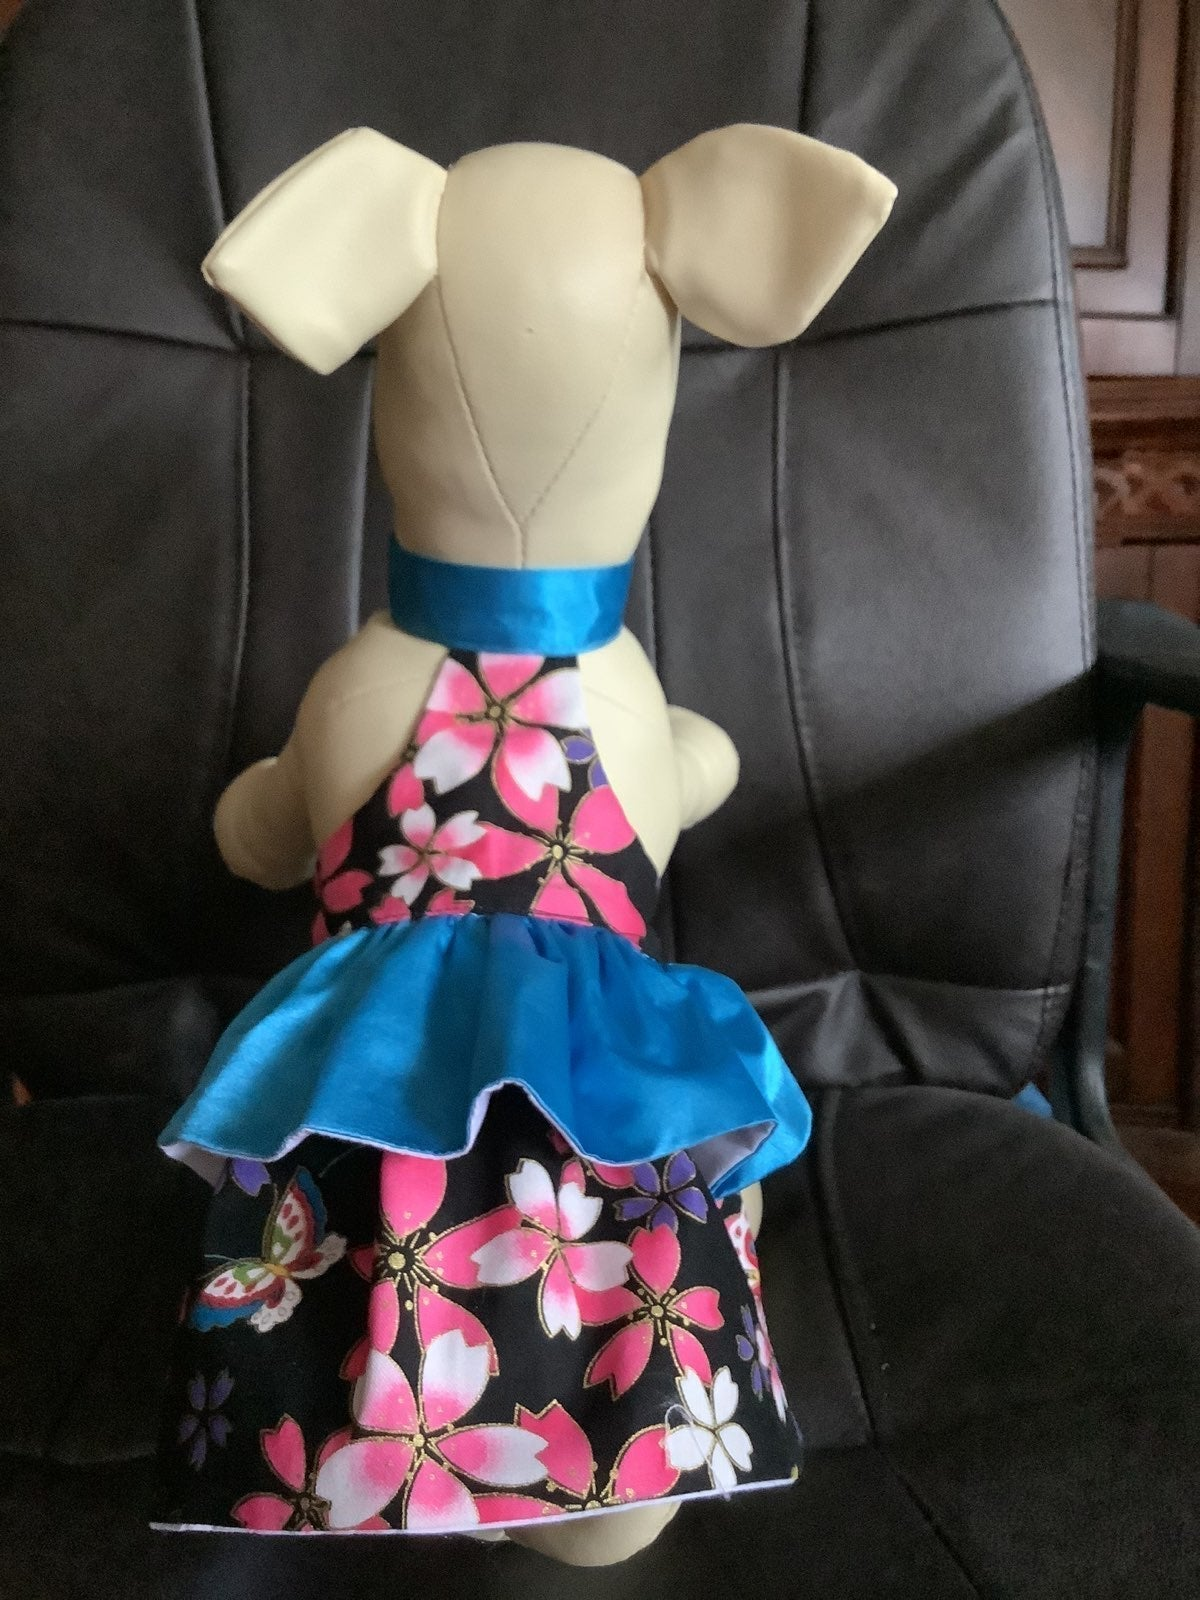 Choker dog/cat dress size small